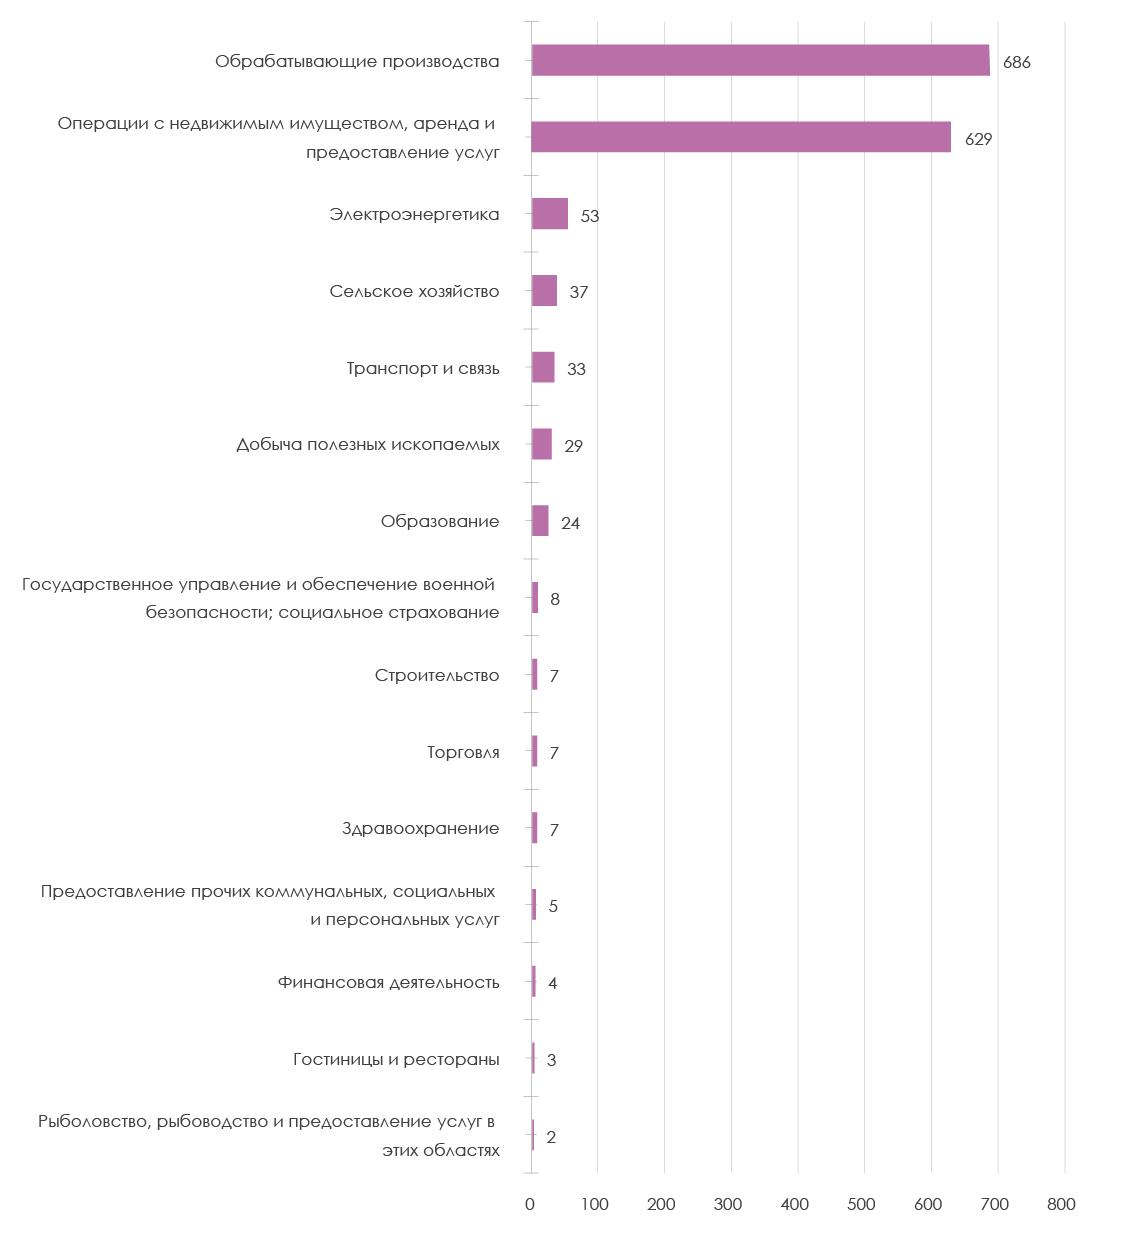 структура отраслей с инновационным развитием